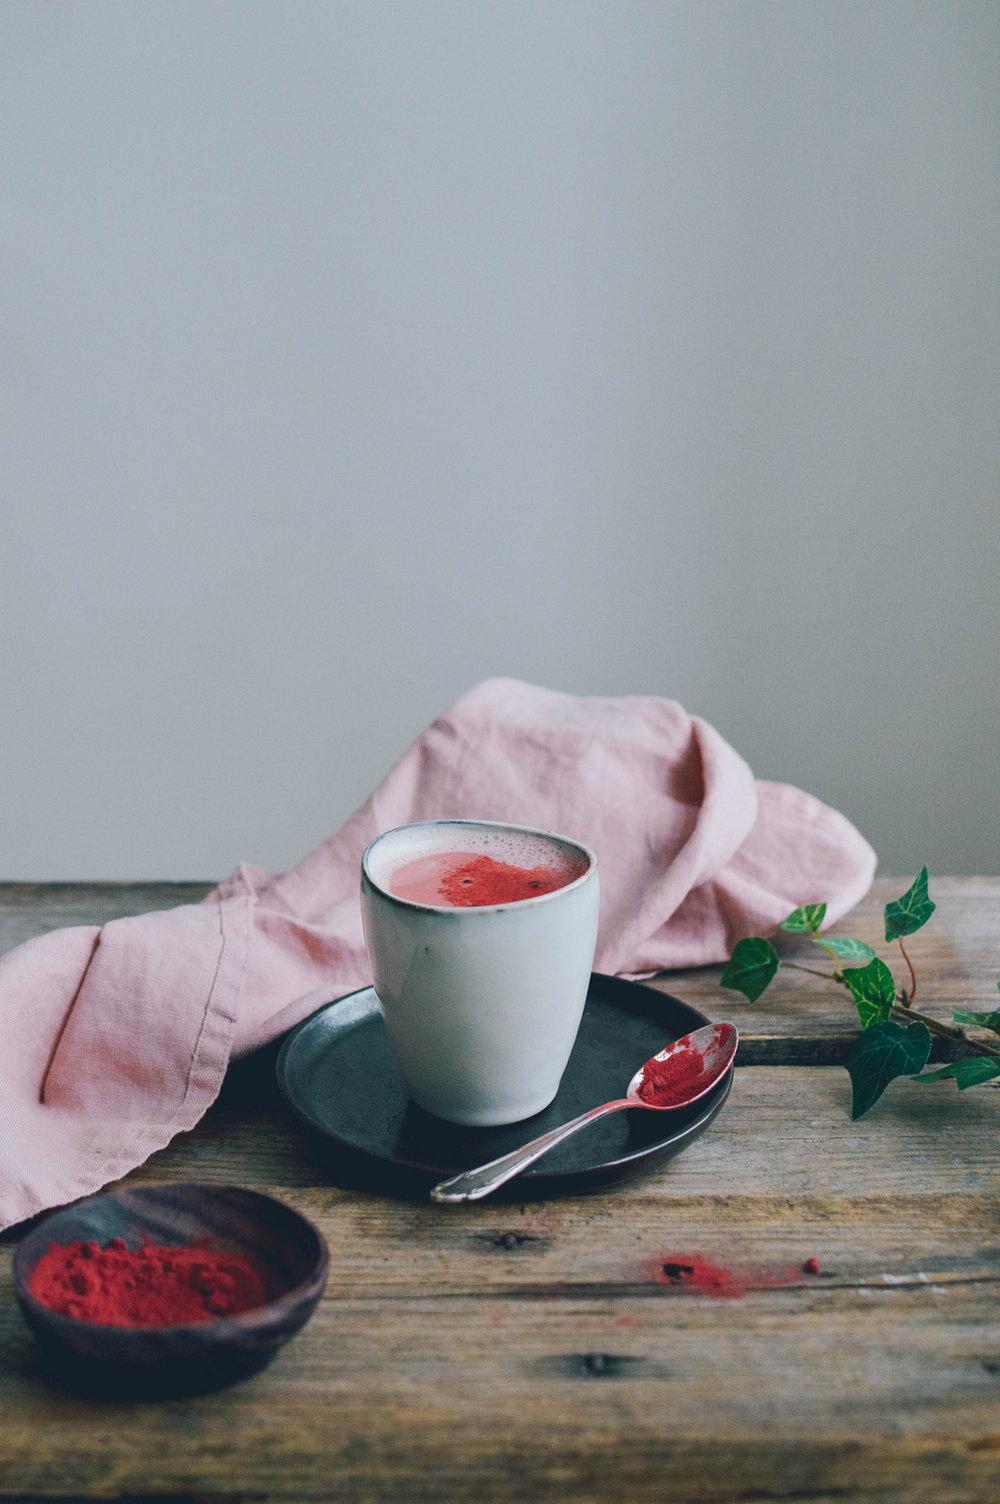 天鹅绒拿铁|甜菜根拿铁- 北欧厨房